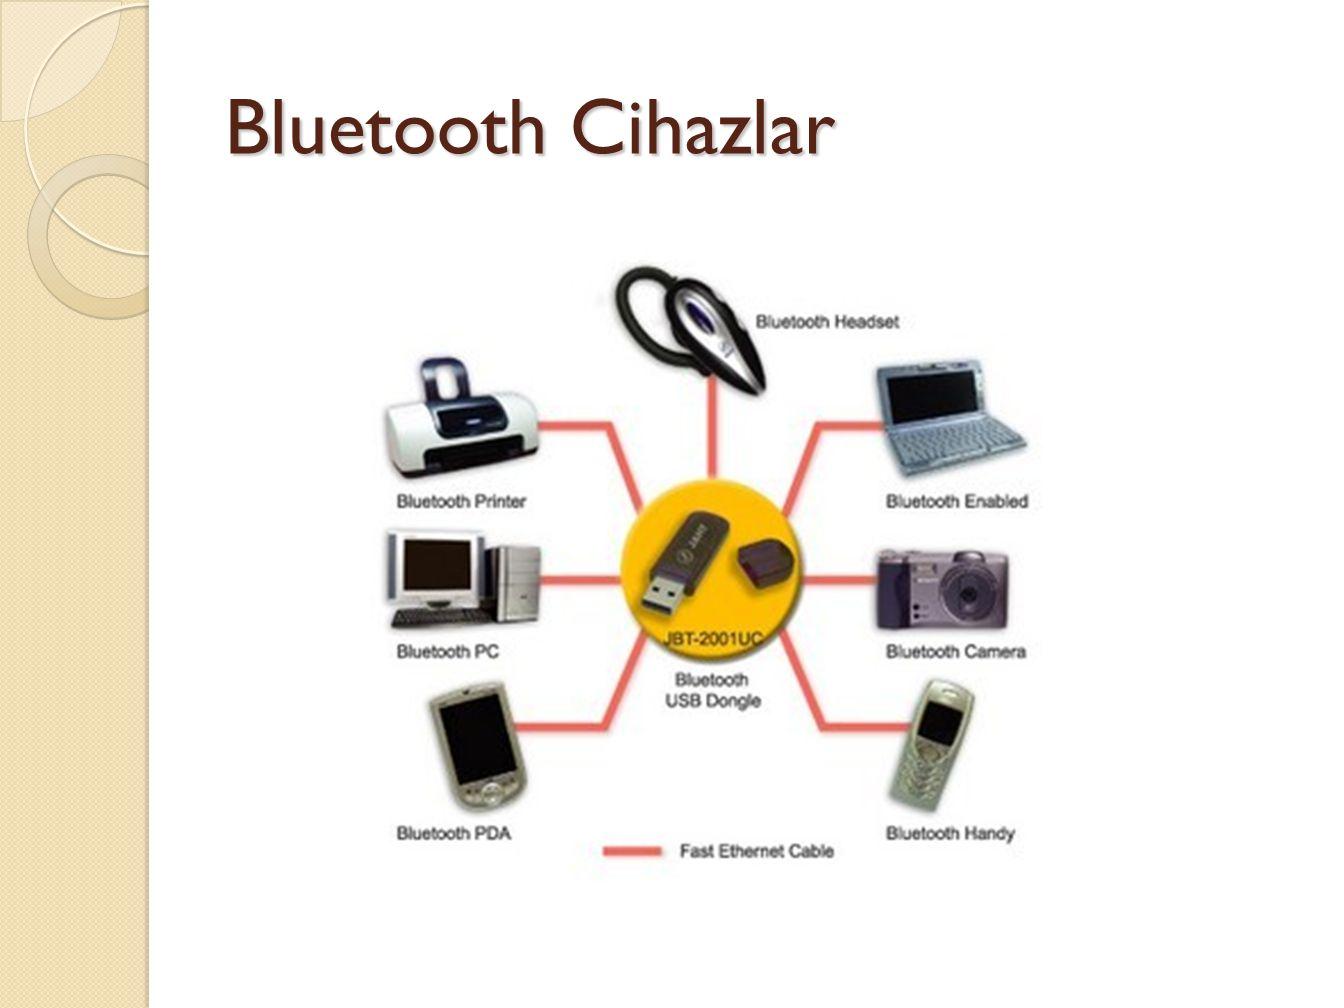 Bluetooth Cihazlar